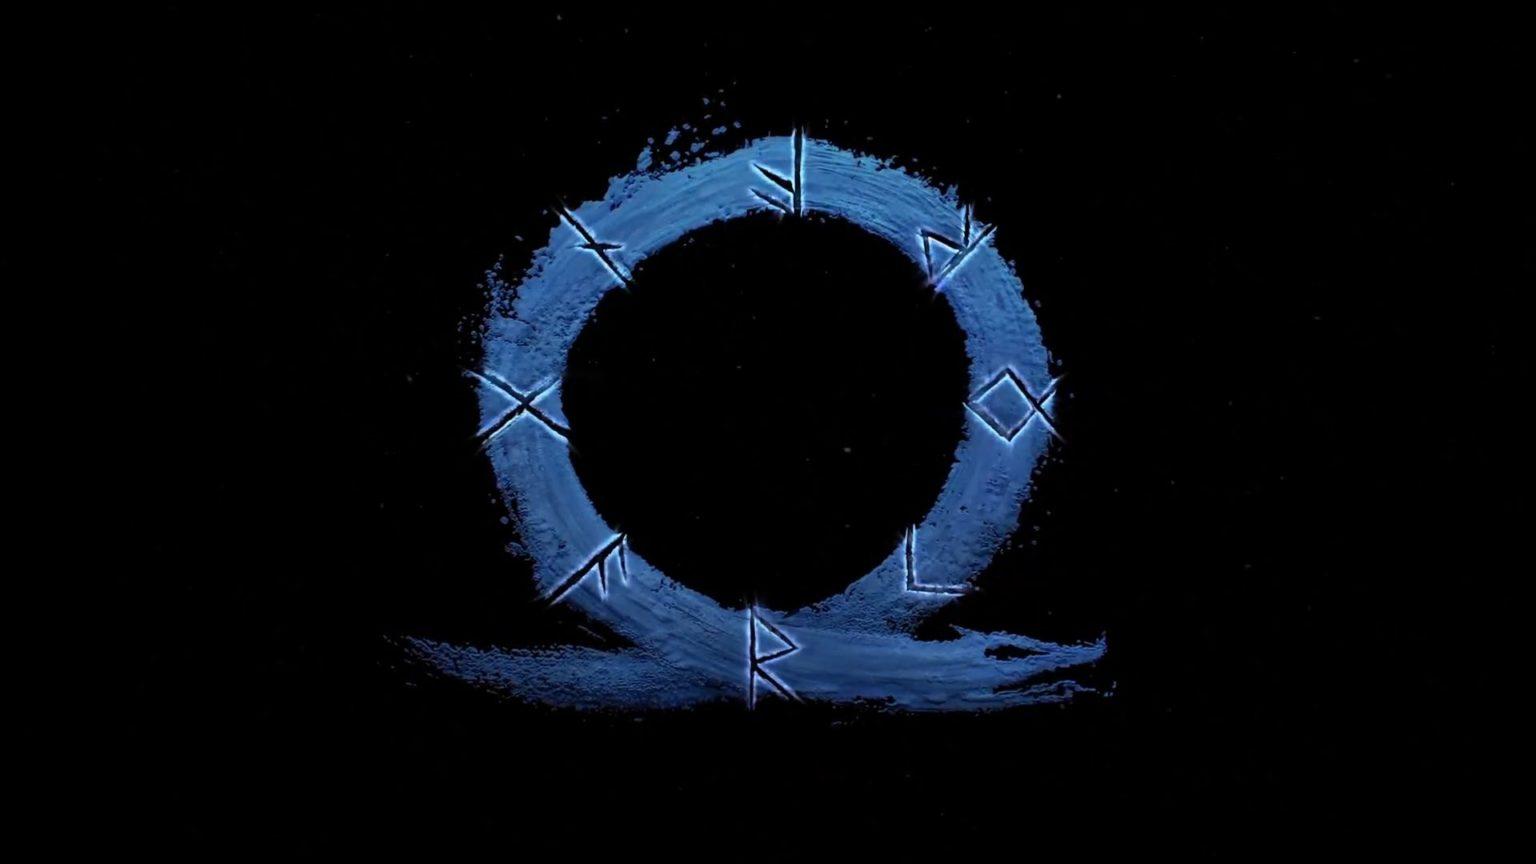 《战神》新作目前计划在2022年夏季发售